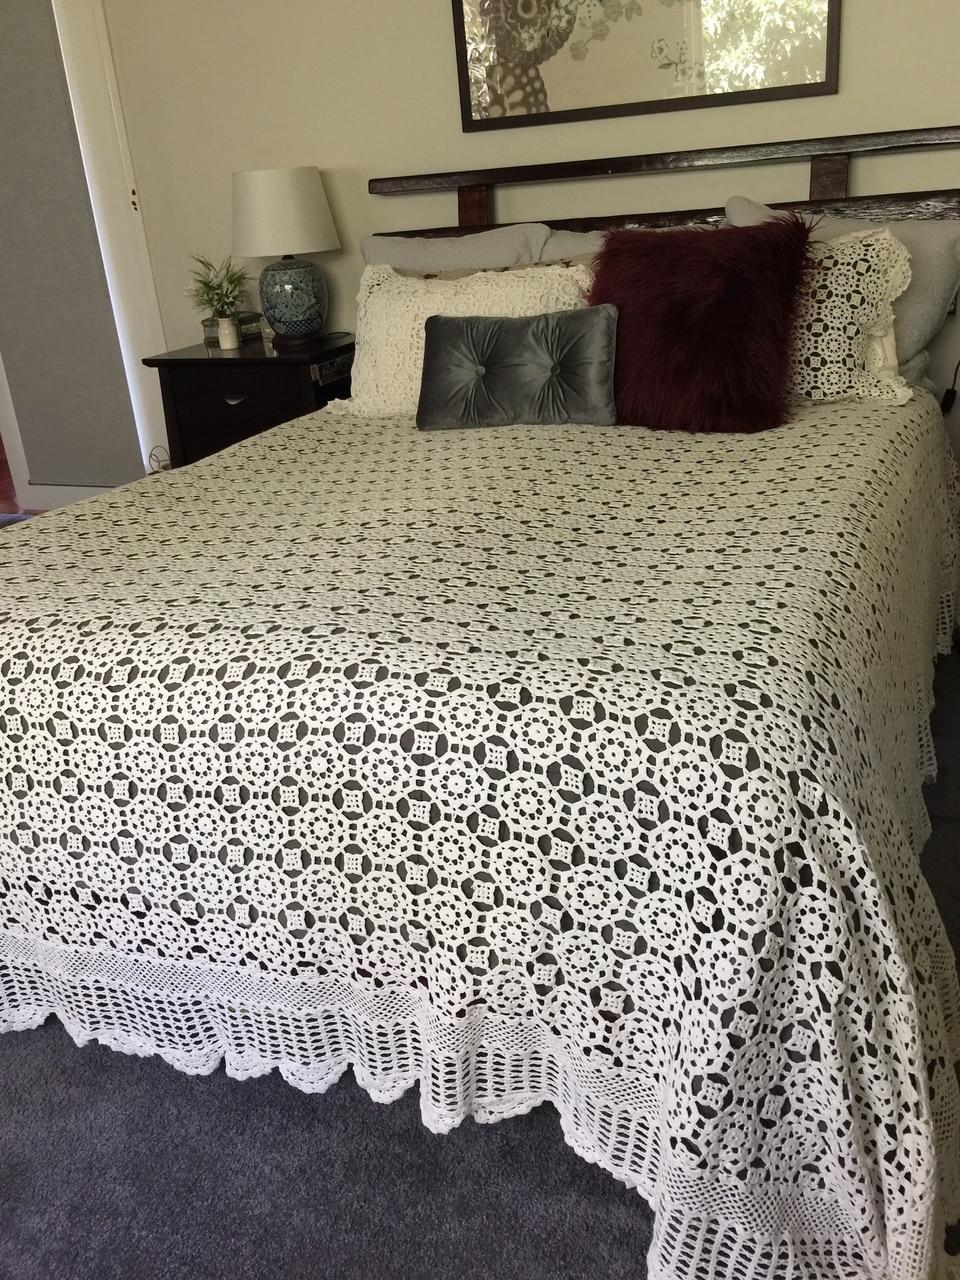 صور مفارش السرير بالكروشي , الكروشيه وجماله مع مفارش السرير